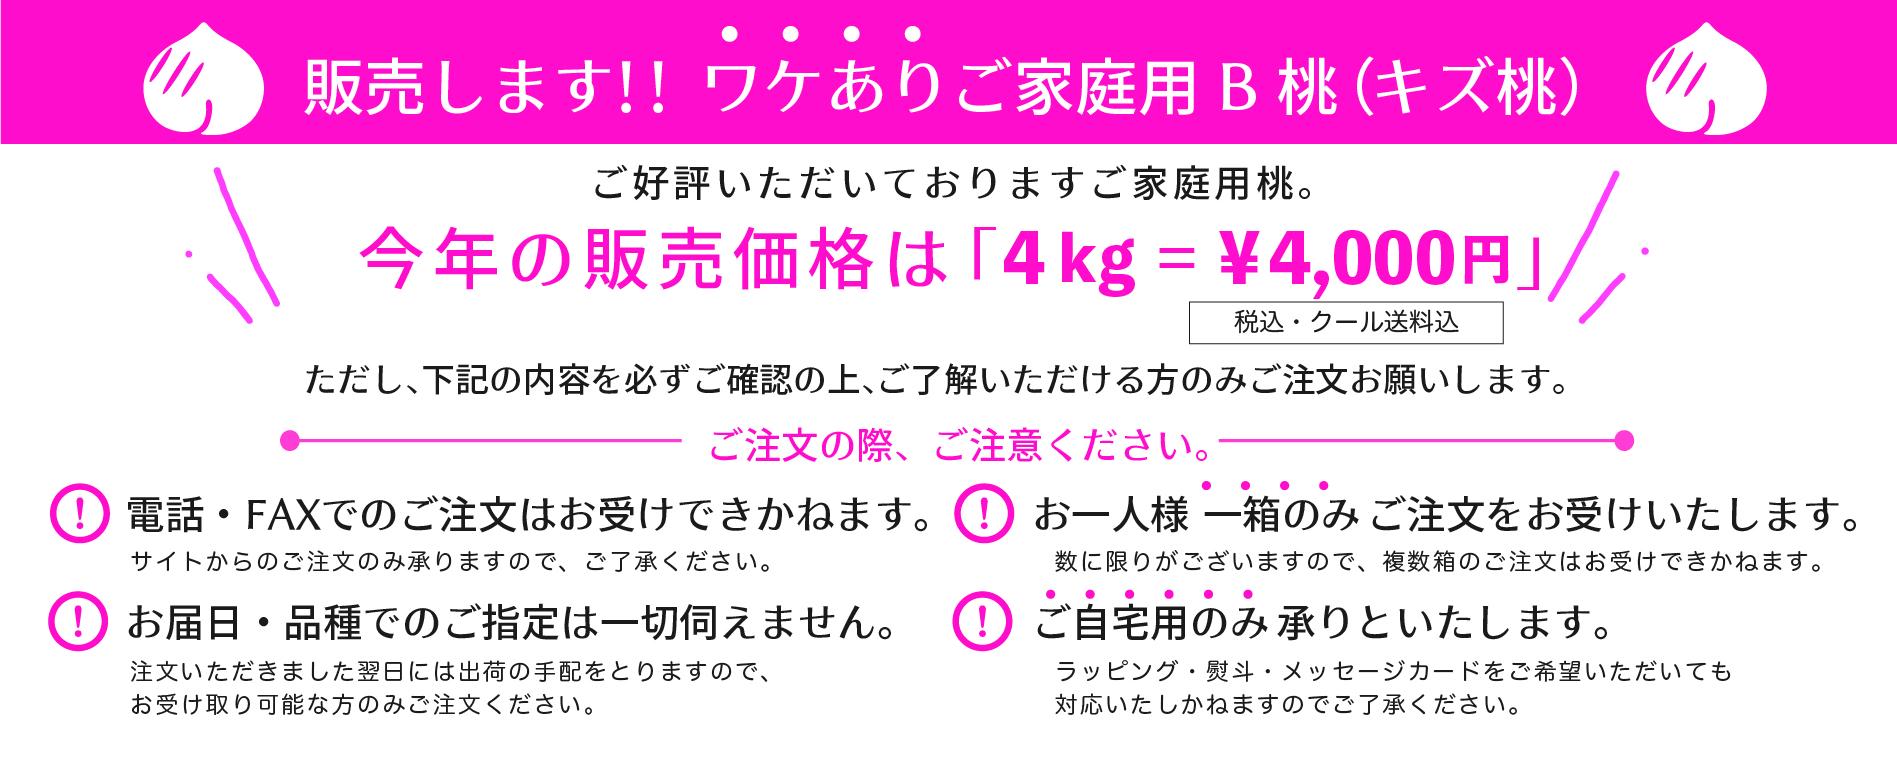 【送料無料】B桃(ご家庭用桃たっぷり約4kg)クール便